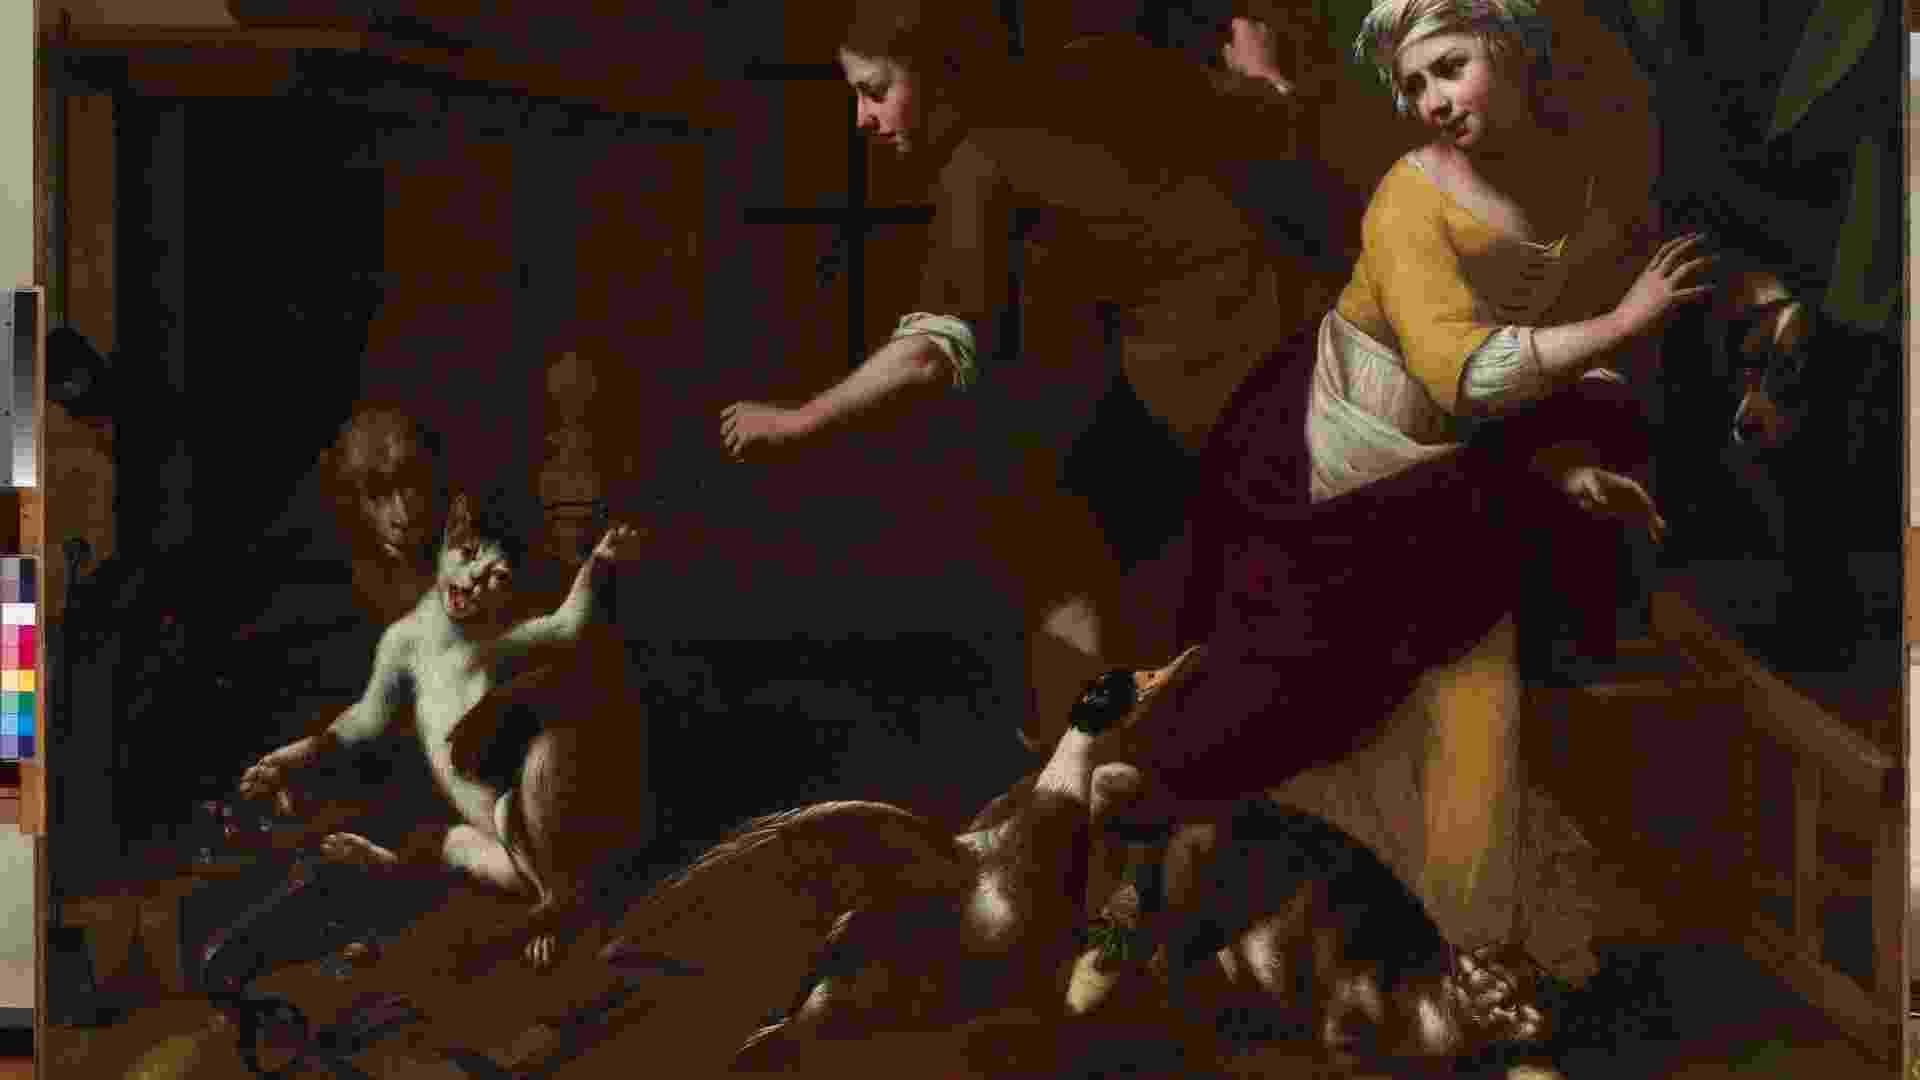 """A exposição """"Caravaggio e Seus Seguidores"""" está em cartaz em Belo Horizonte até 15 de julho, depois será exibida no Masp de 26 de julho até 30 de setembro. Na imagem, obra de Tommaso Salini, um dos 14 artistas que seguiram o pintor barroco - Divulgação"""